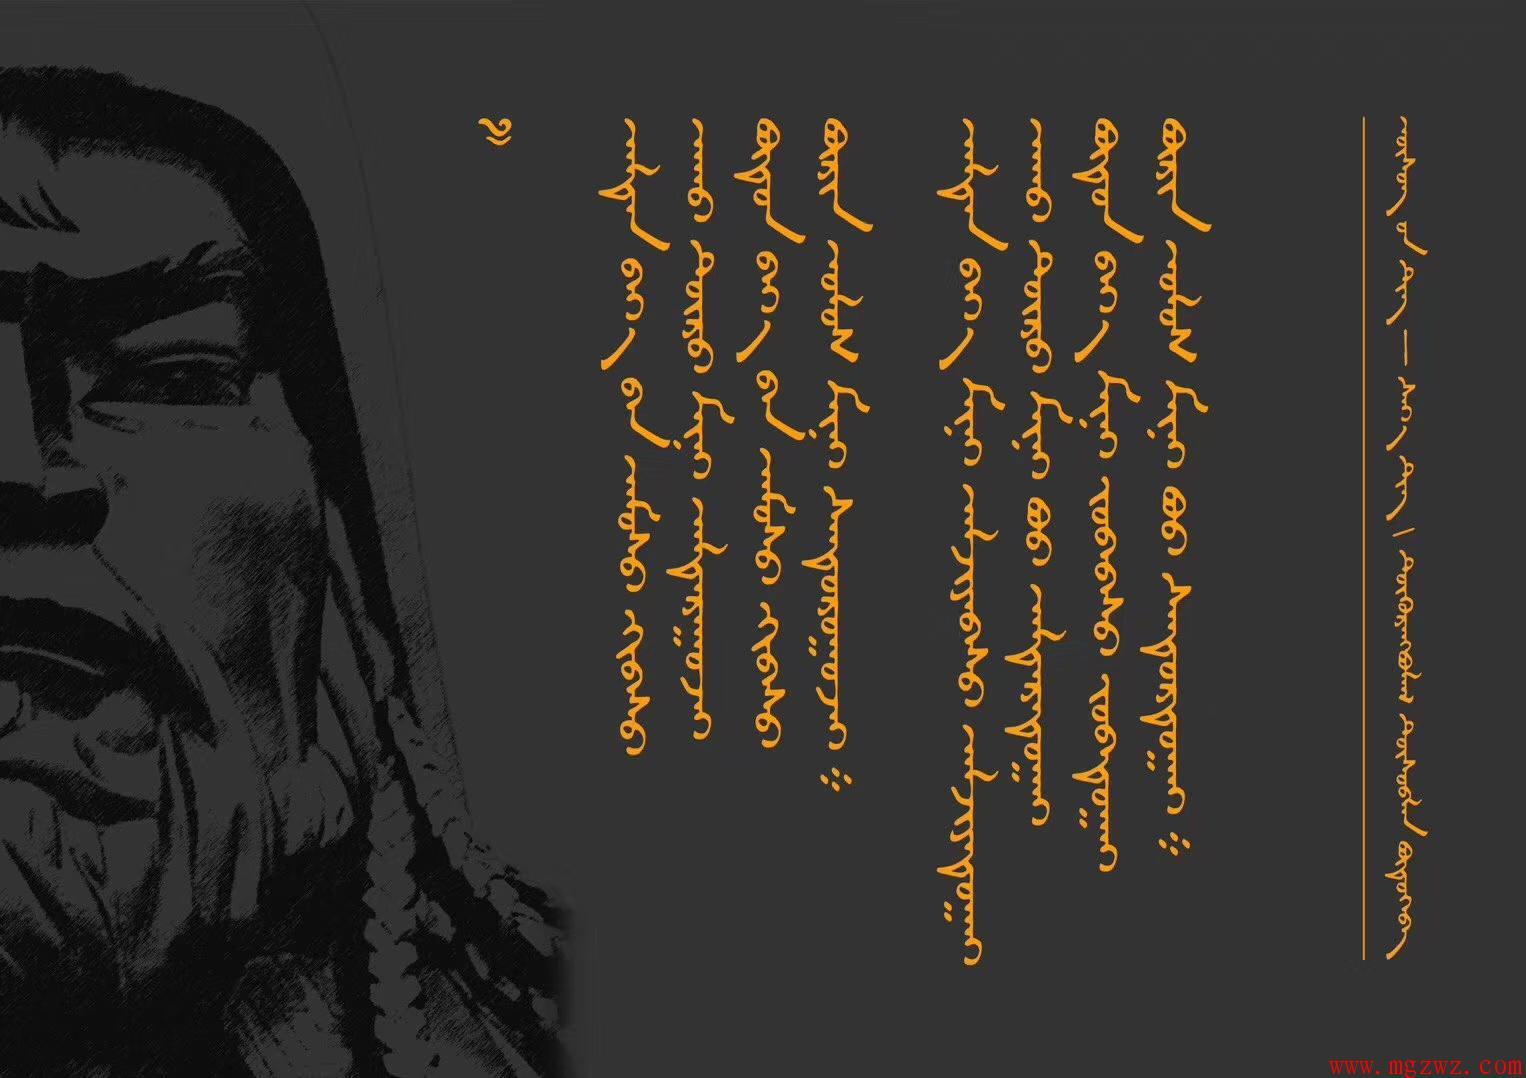 蒙古字体Sai字体已设计完成